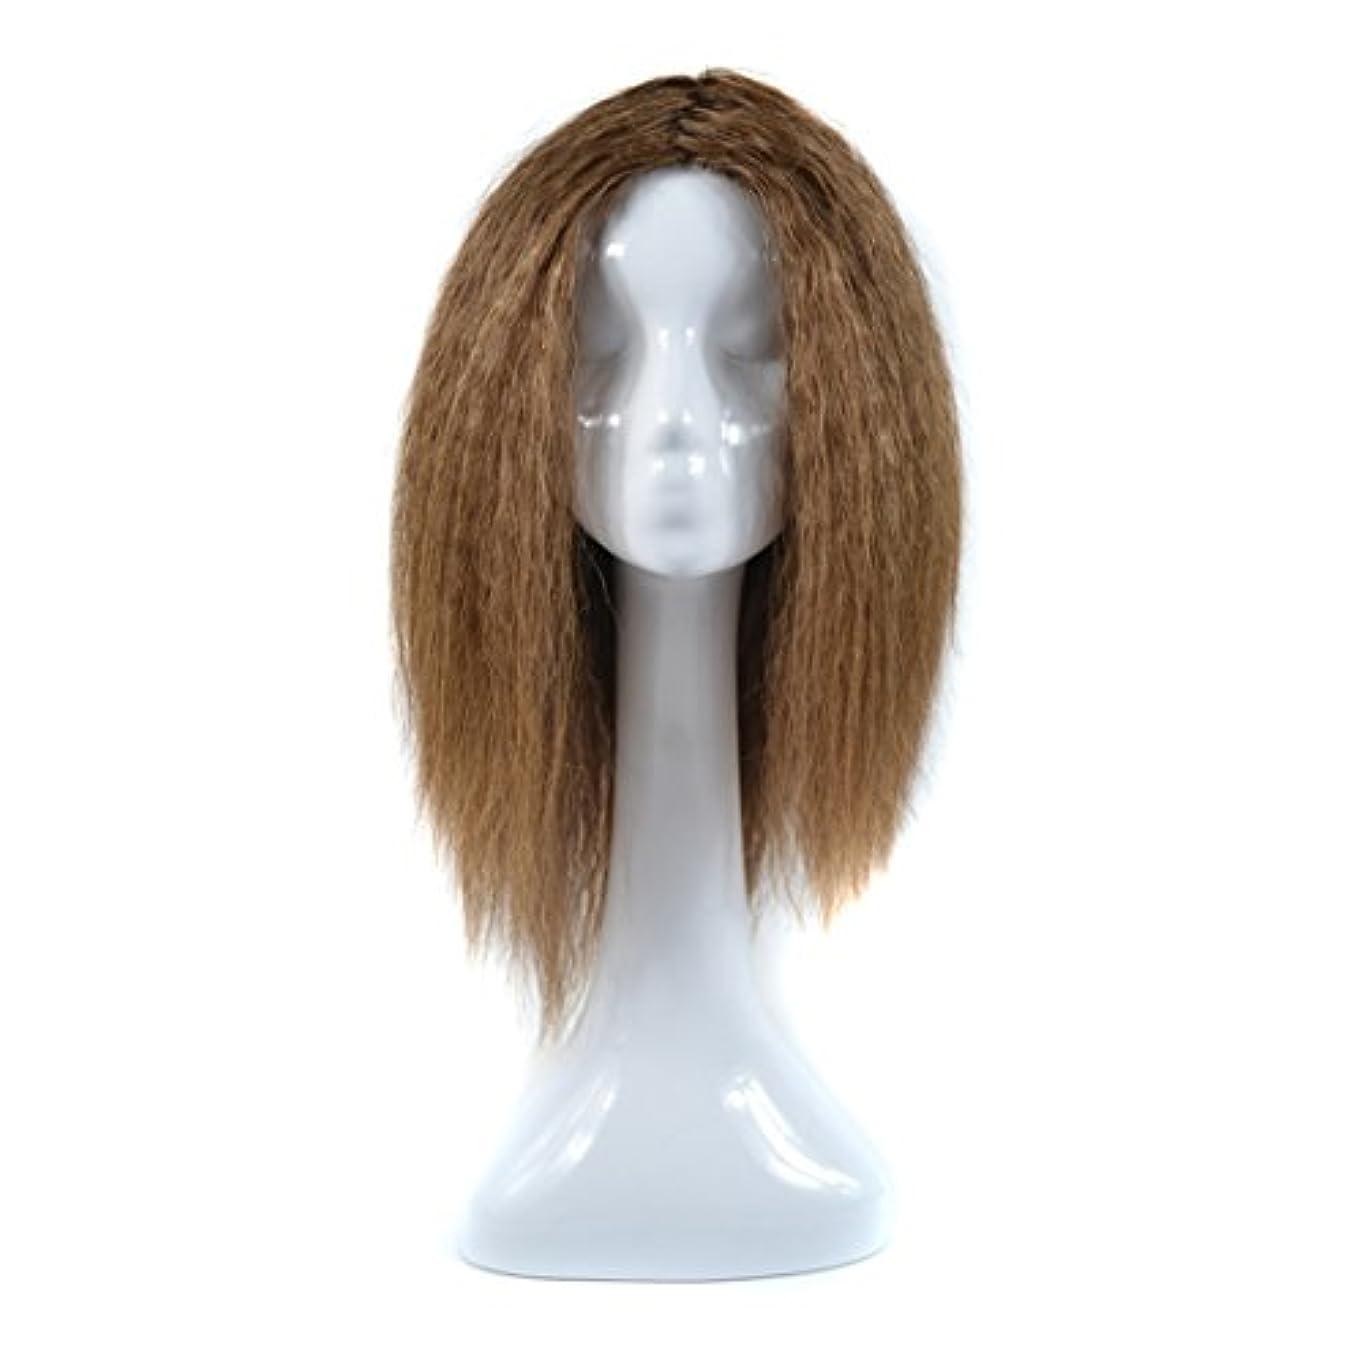 練習追い出すあなたはJIANFU (20inch /ライトブラウン、20inch / Brownish Black)女性のためのコーンホットロングカーリーウィッグ人間のヘアNon-iron染めシルクウィッグリアルナチュラルヘア (Color...